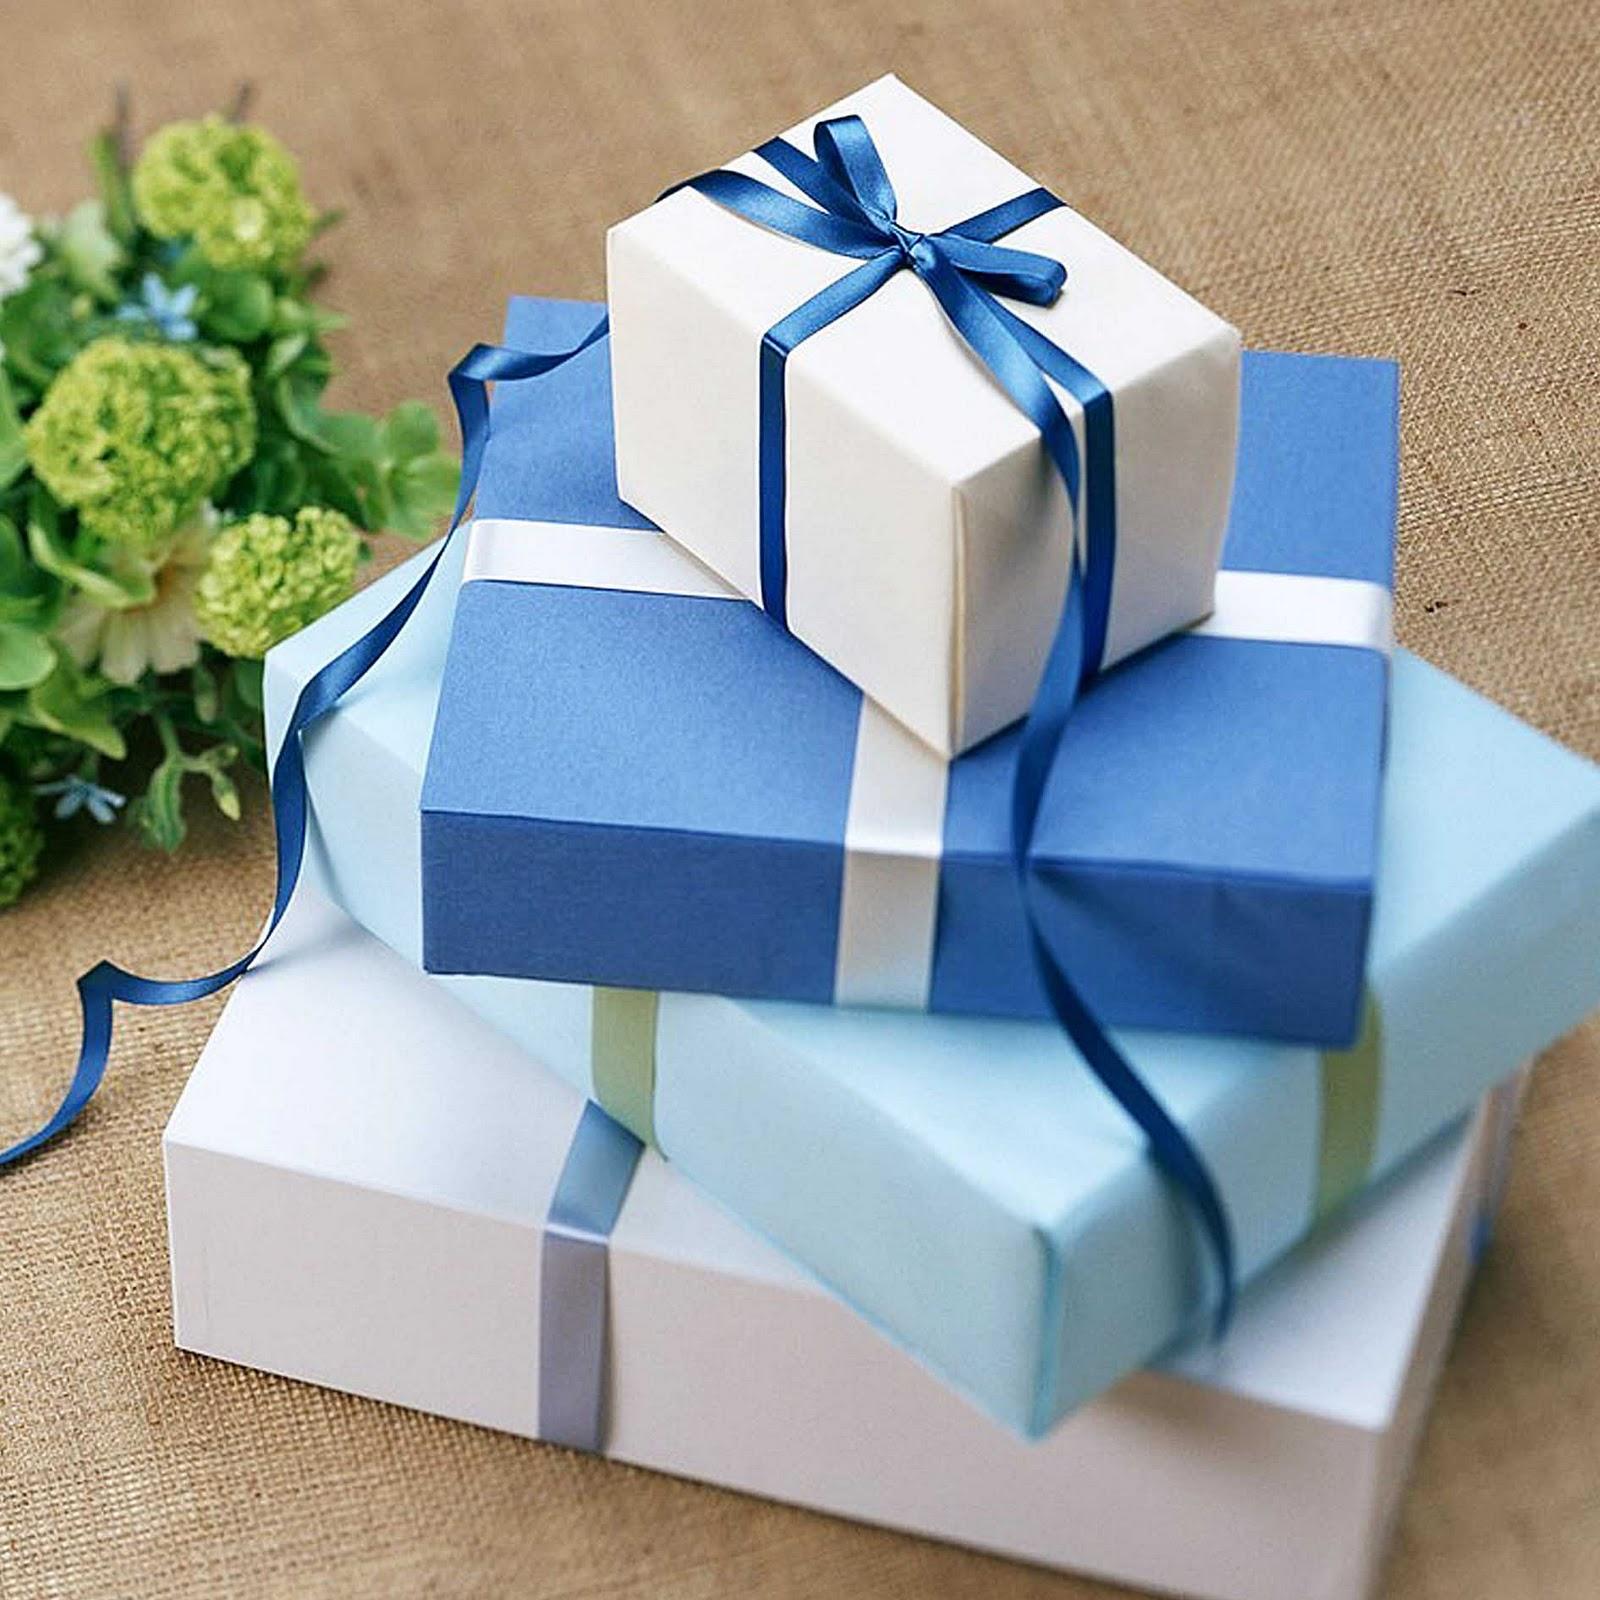 online-gift-registry.jpg